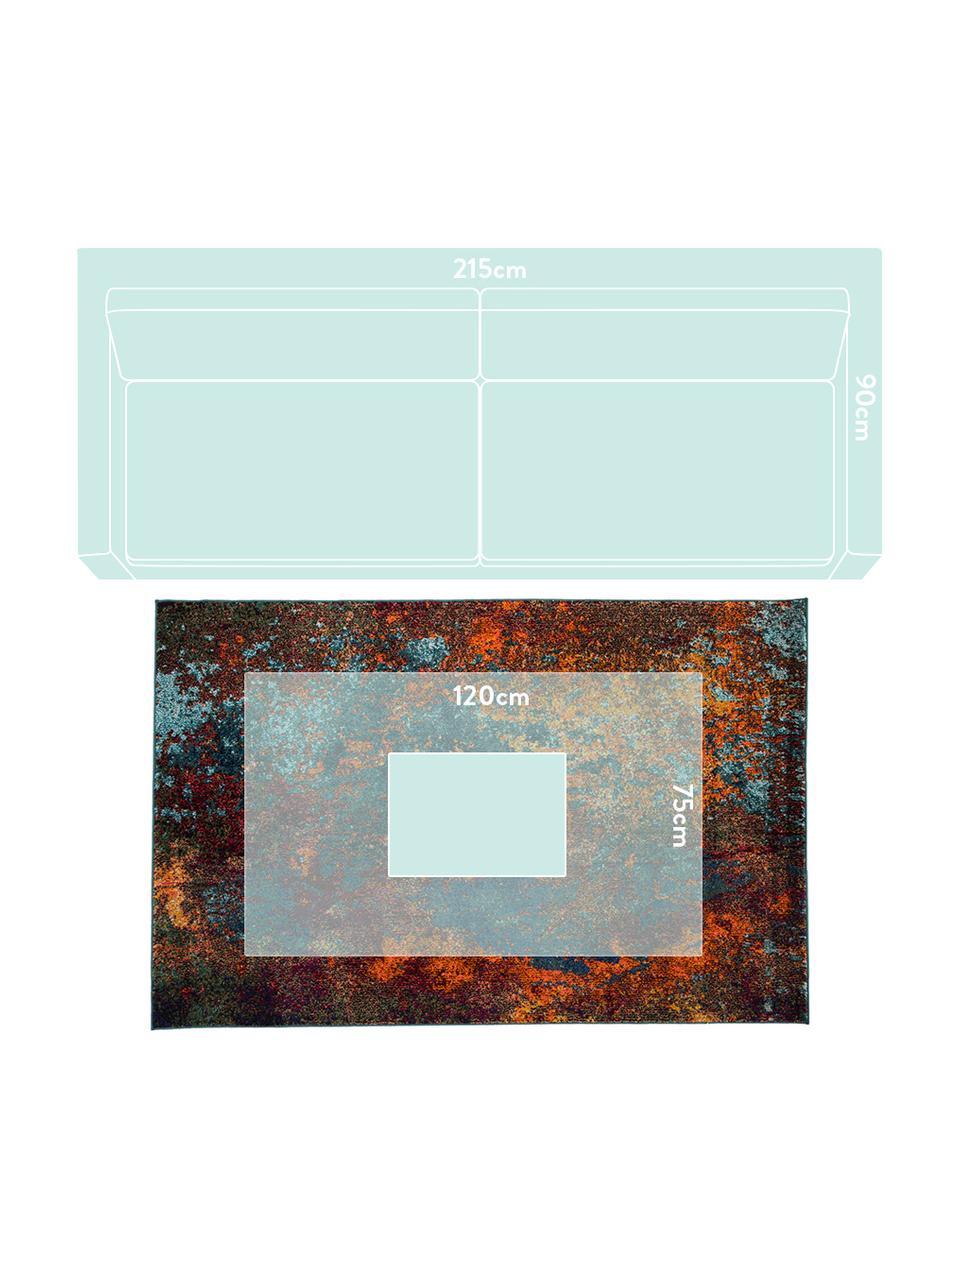 Tappeto di design colorato Celestial, Retro: juta, Tonalità rosse, tonalità blu, verde, Larg.160 x Lung. 220 cm  (taglia M)